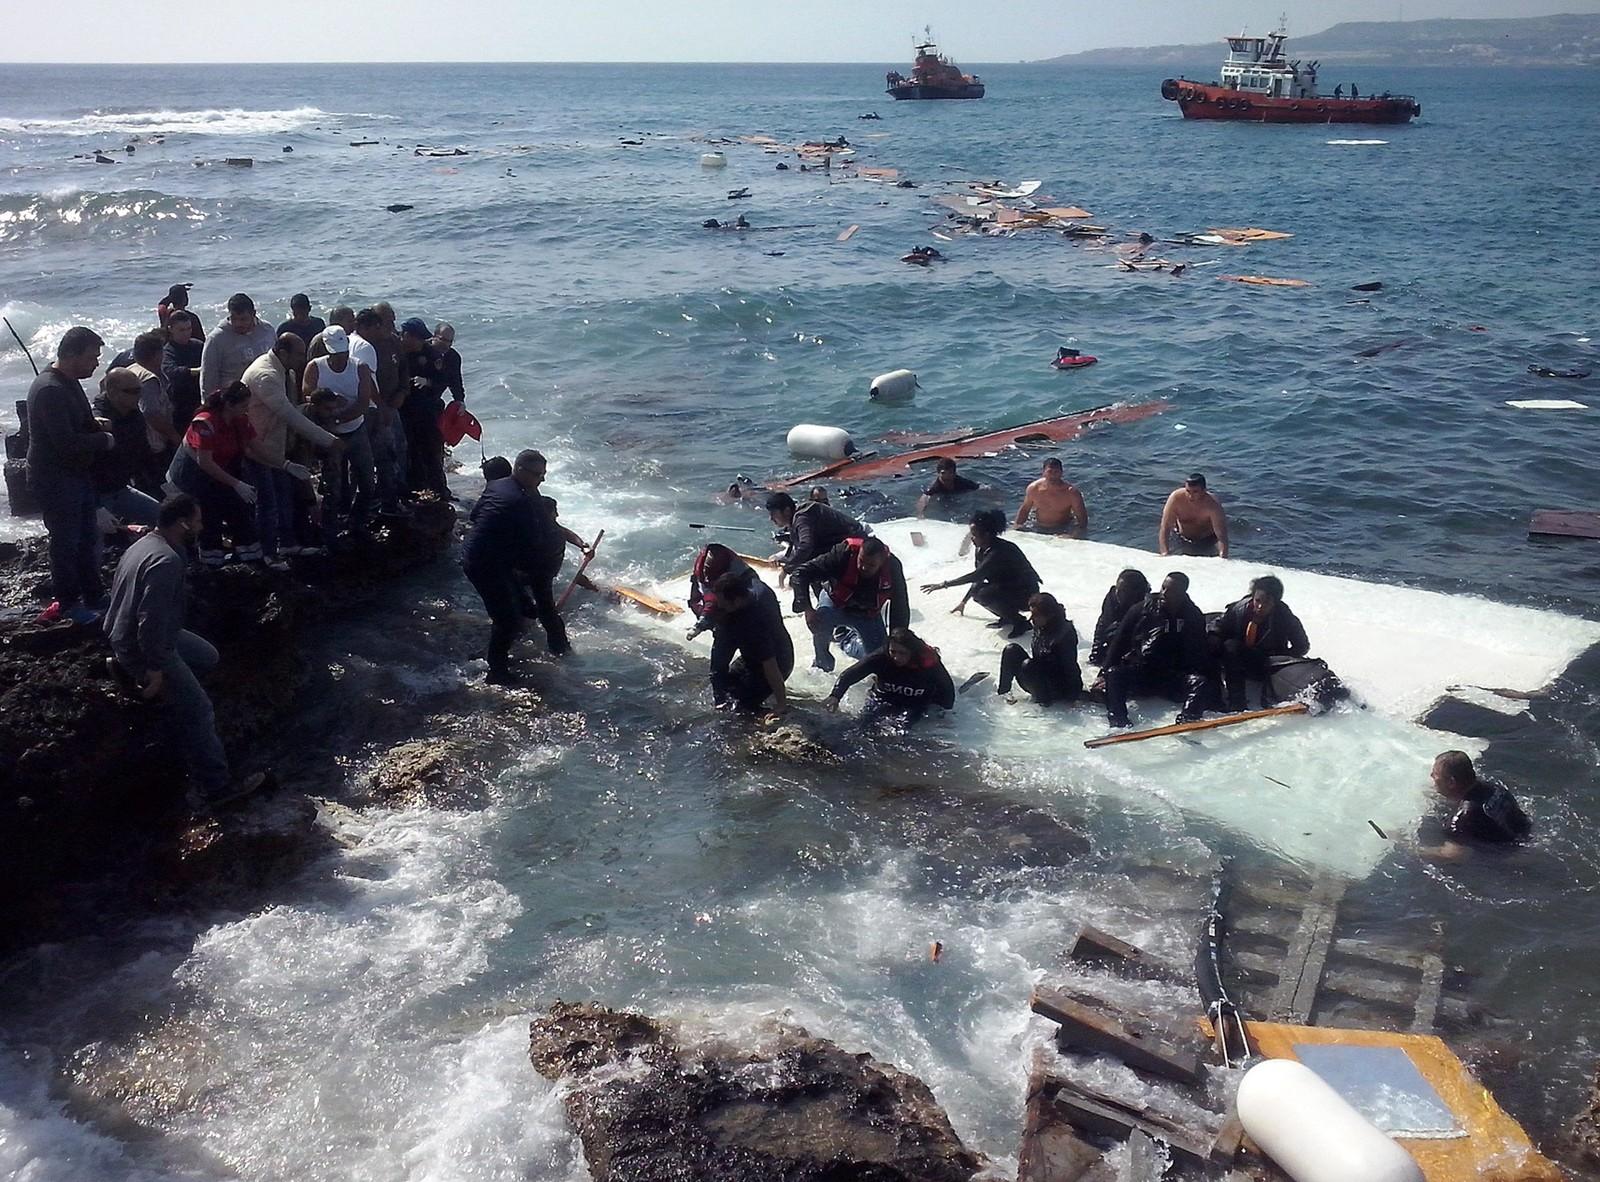 Flyktninger fra en havarert seilbåt karrer seg i land på Zefyros-strand på Rhodos 20. april. 200 flyktninger skal ha vært ombord.